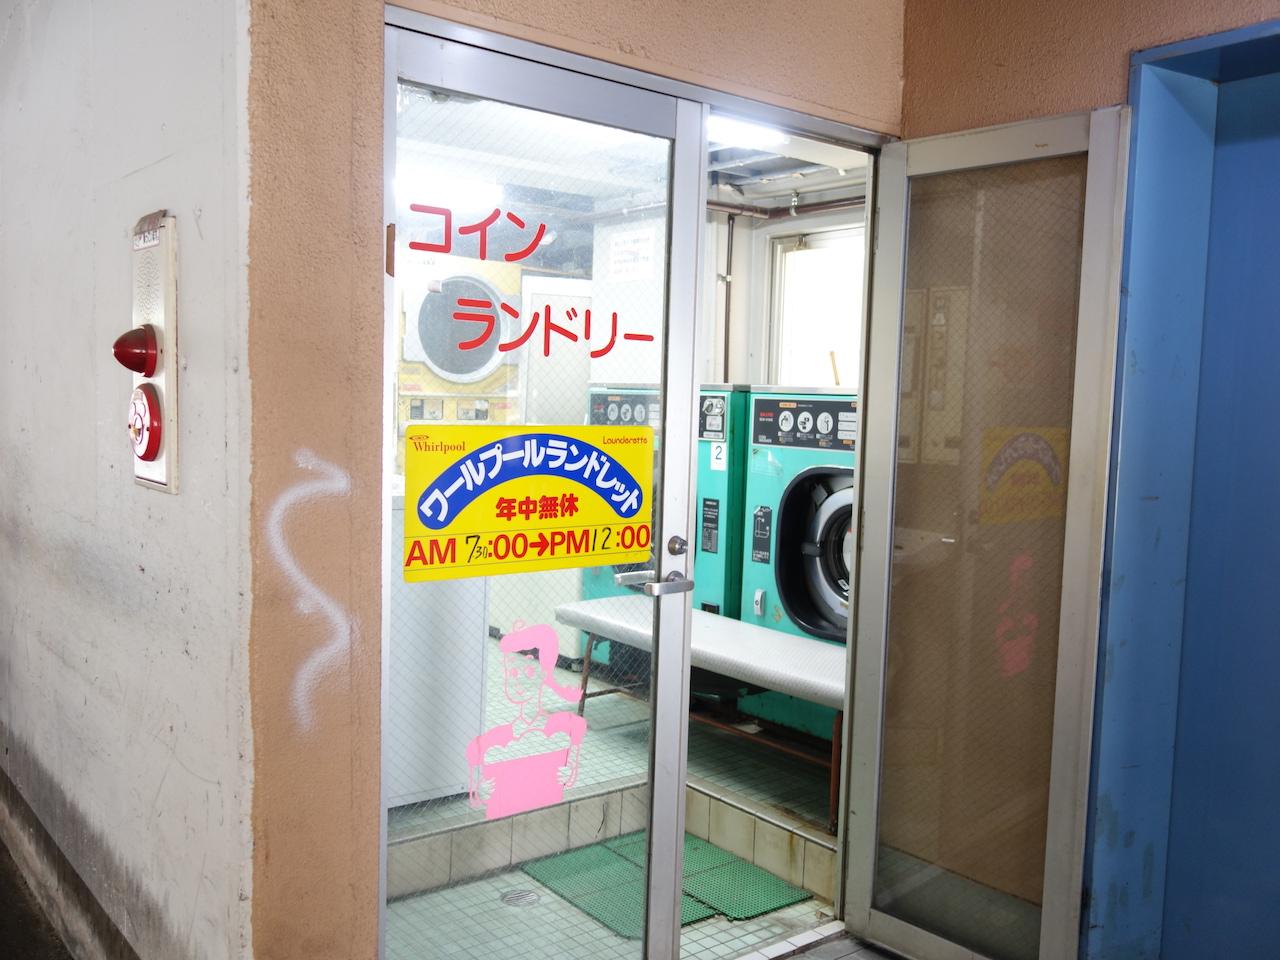 神戸新開地にあるディープな温泉「朝日温泉」が本当にディープ過ぎた!素人には難しいぞ